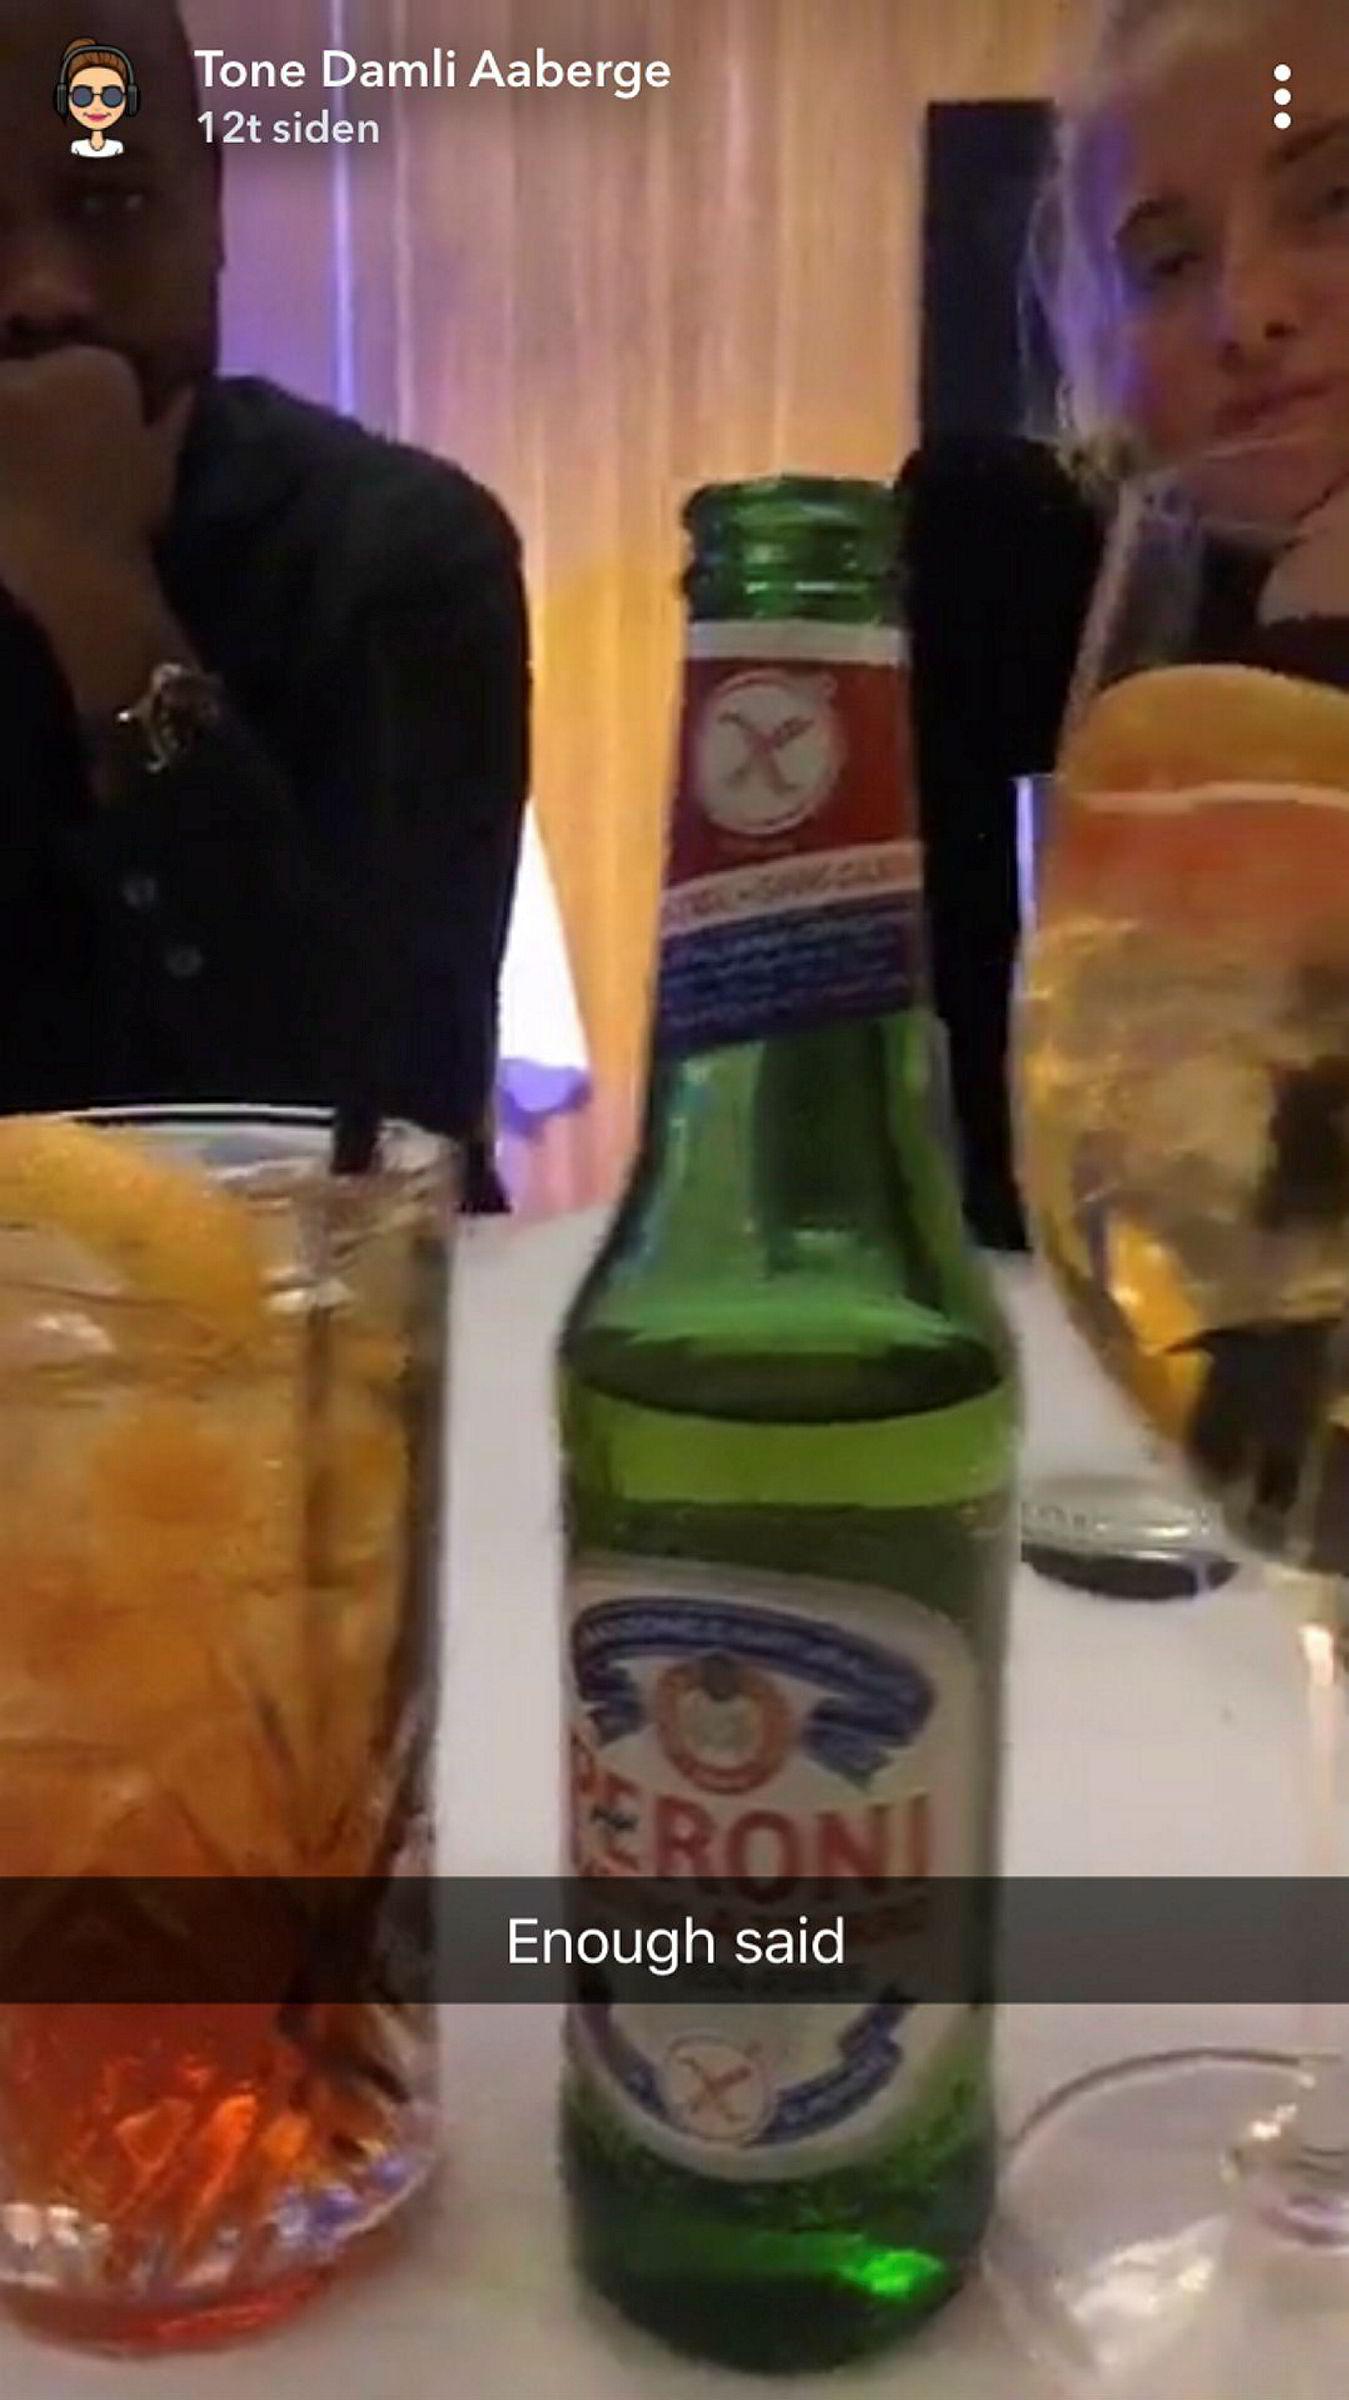 Peroniflaskene var godt synlige på både Instagram og Snapchat under middagsfesten på Operaen.